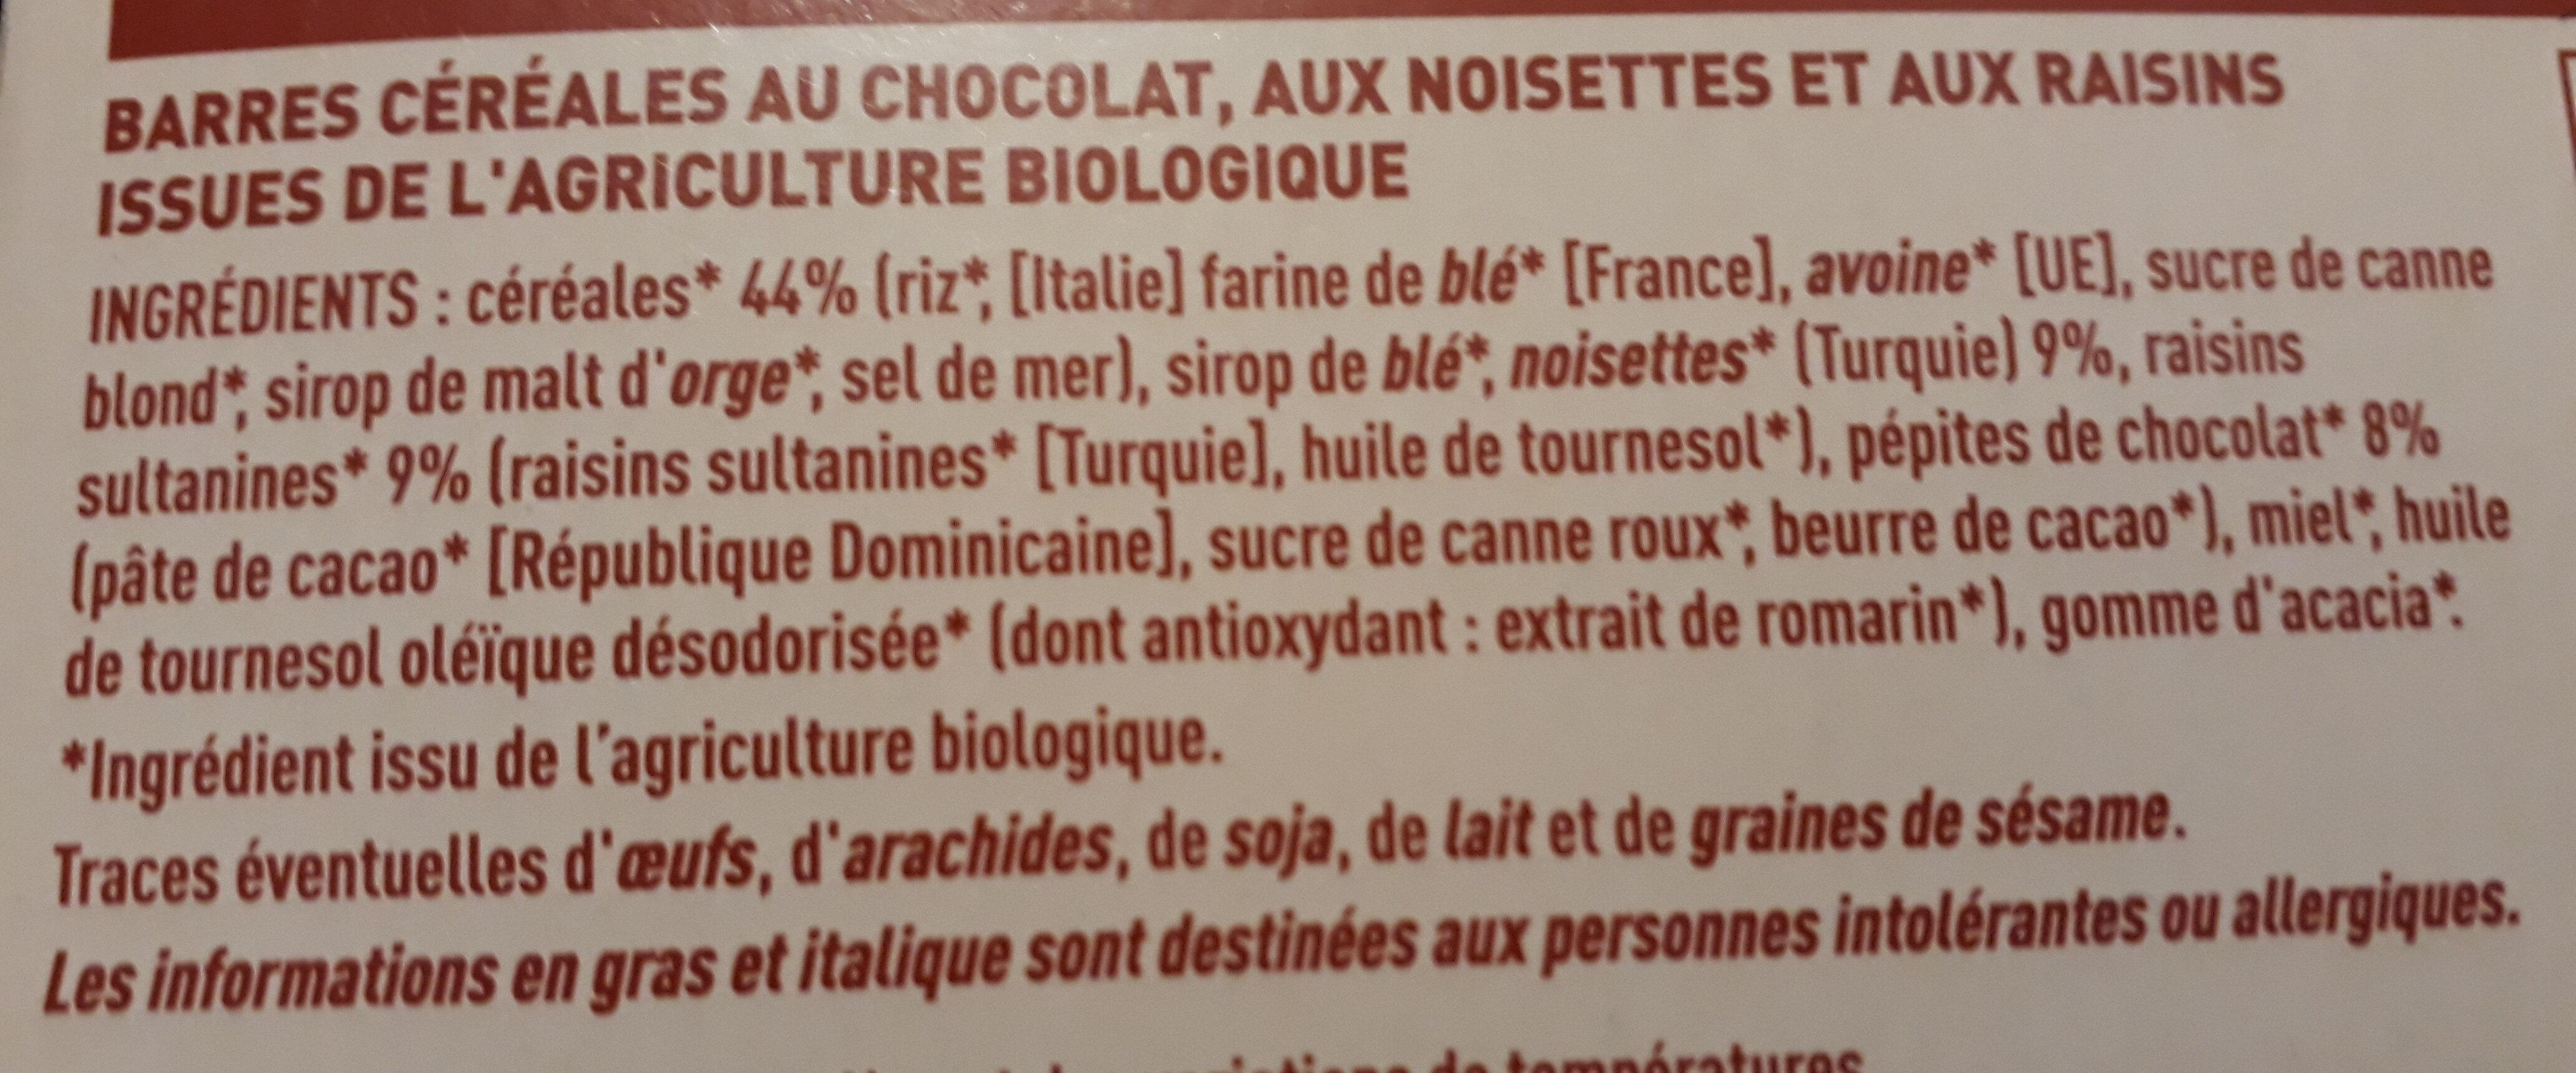 Barres céréales chocolat noisettes - Ingrediënten - fr